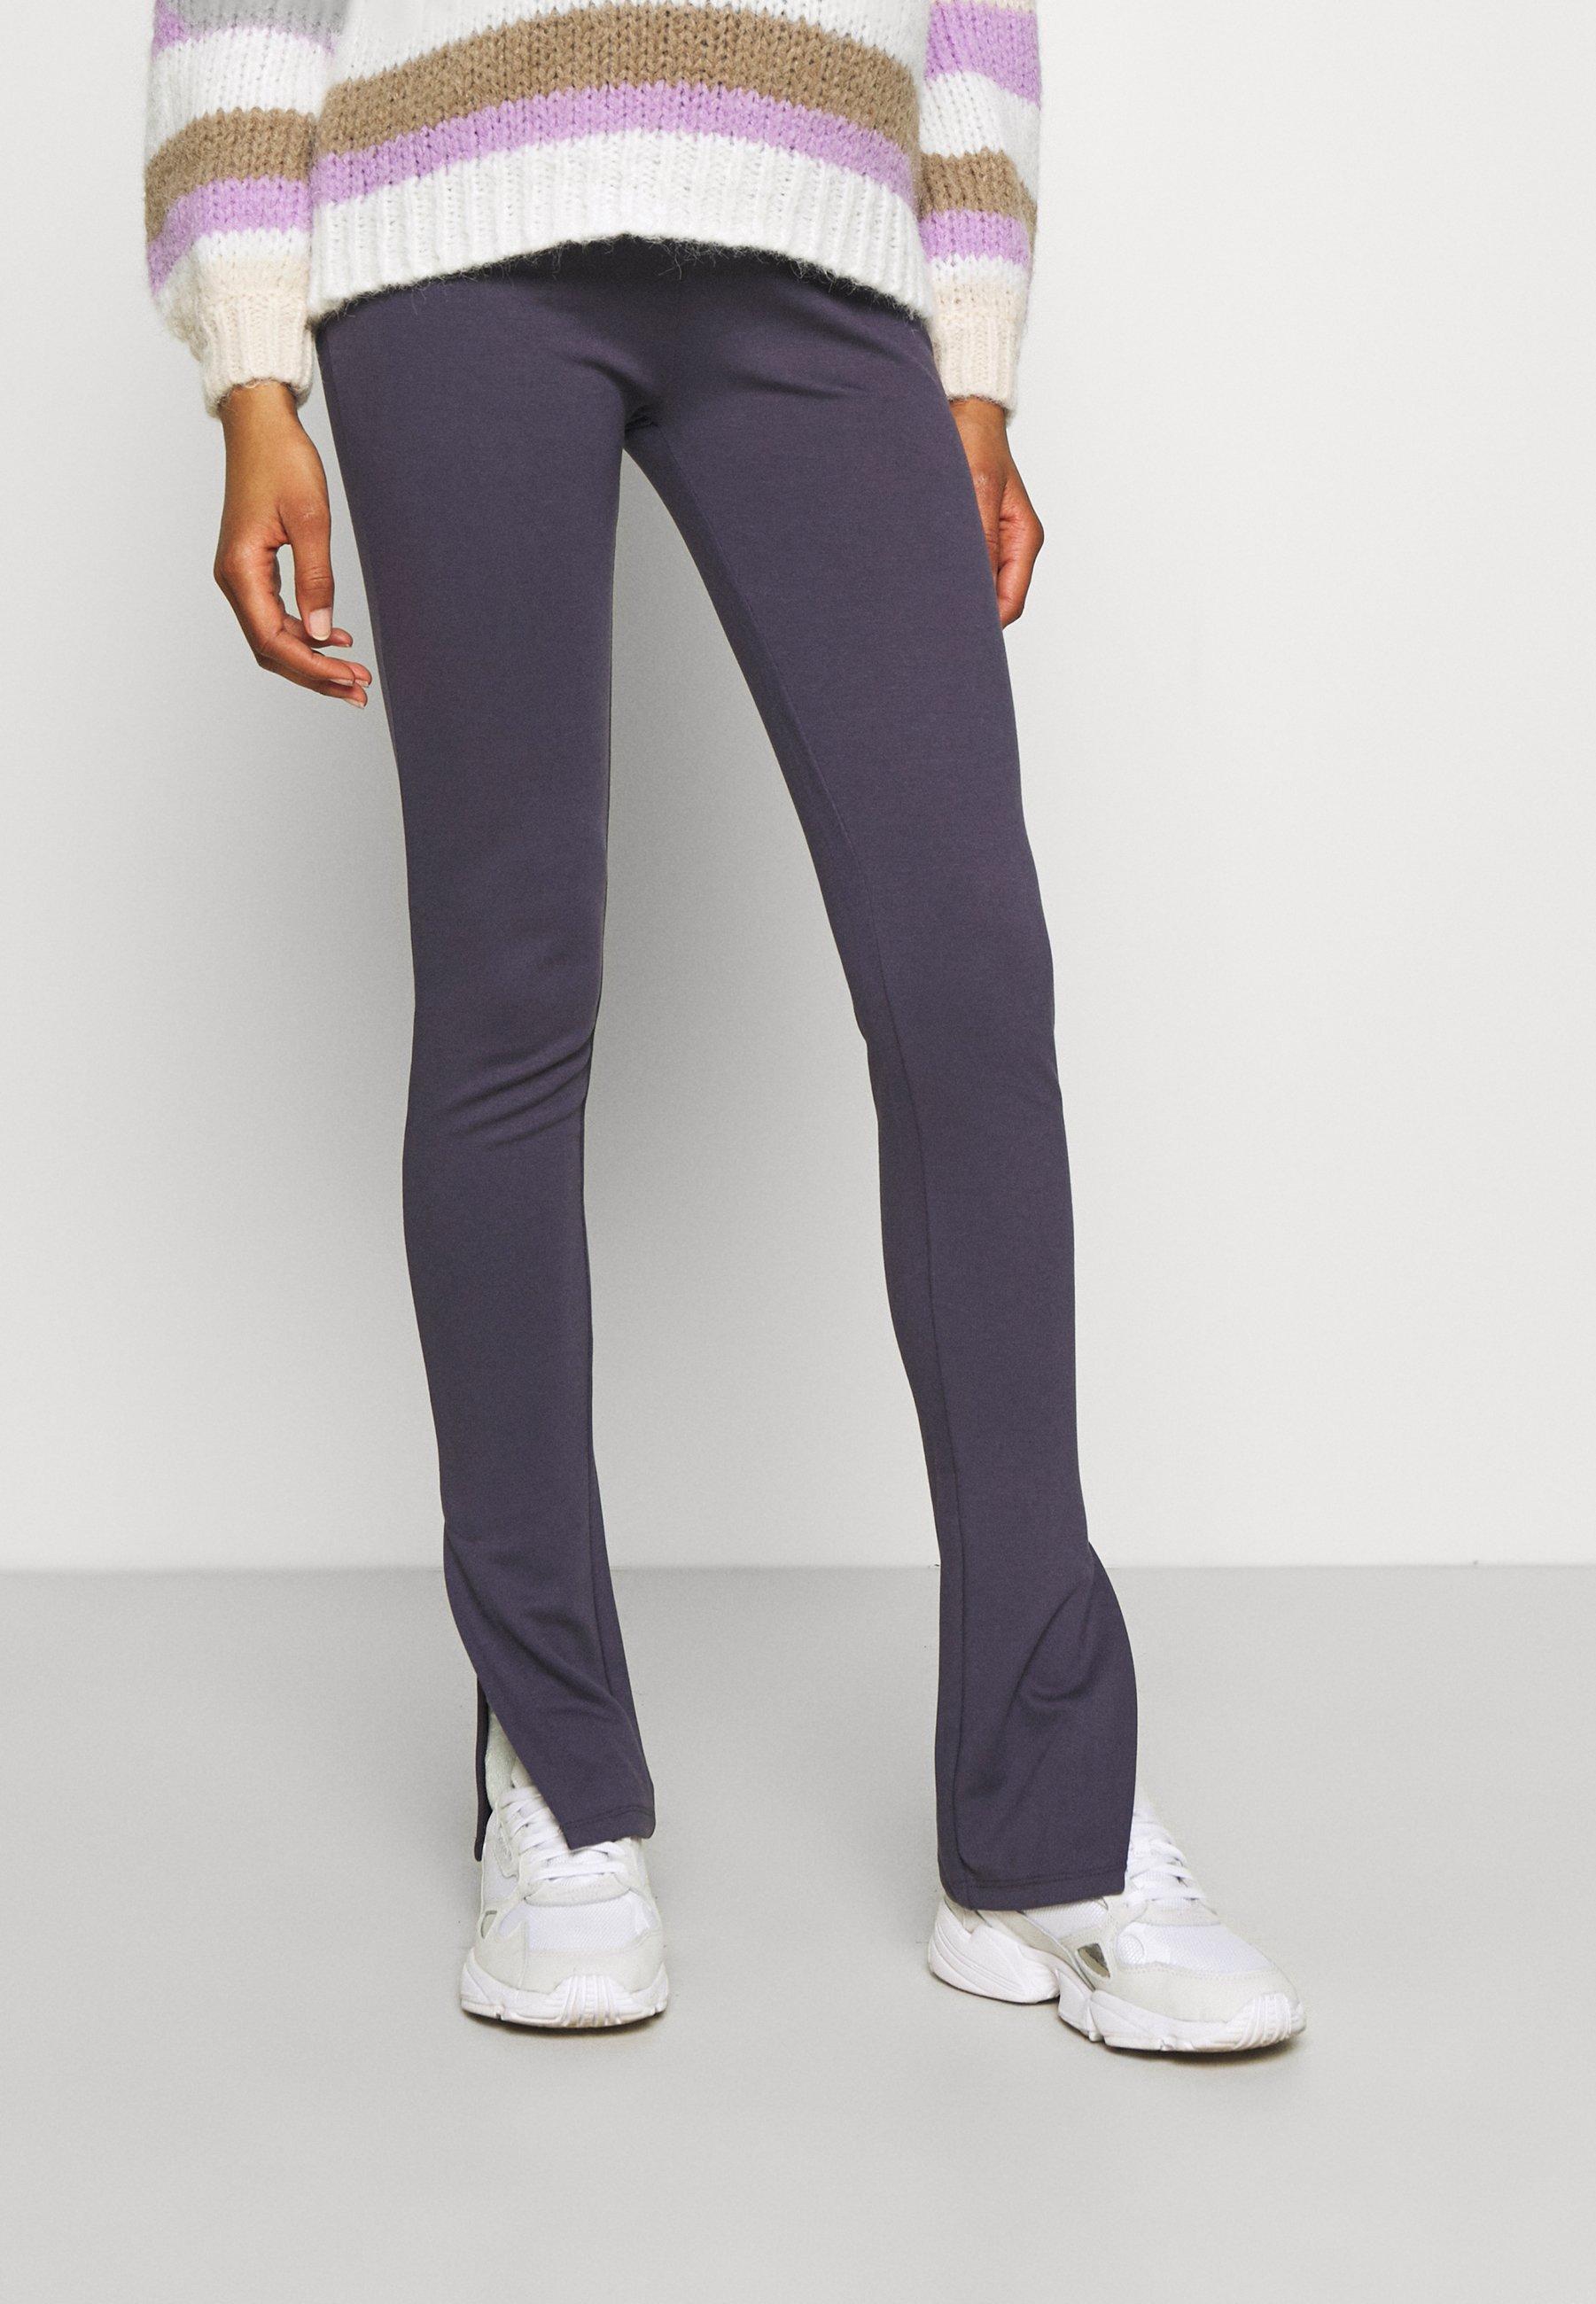 Damen MLELAINE SLIT - Leggings - Hosen